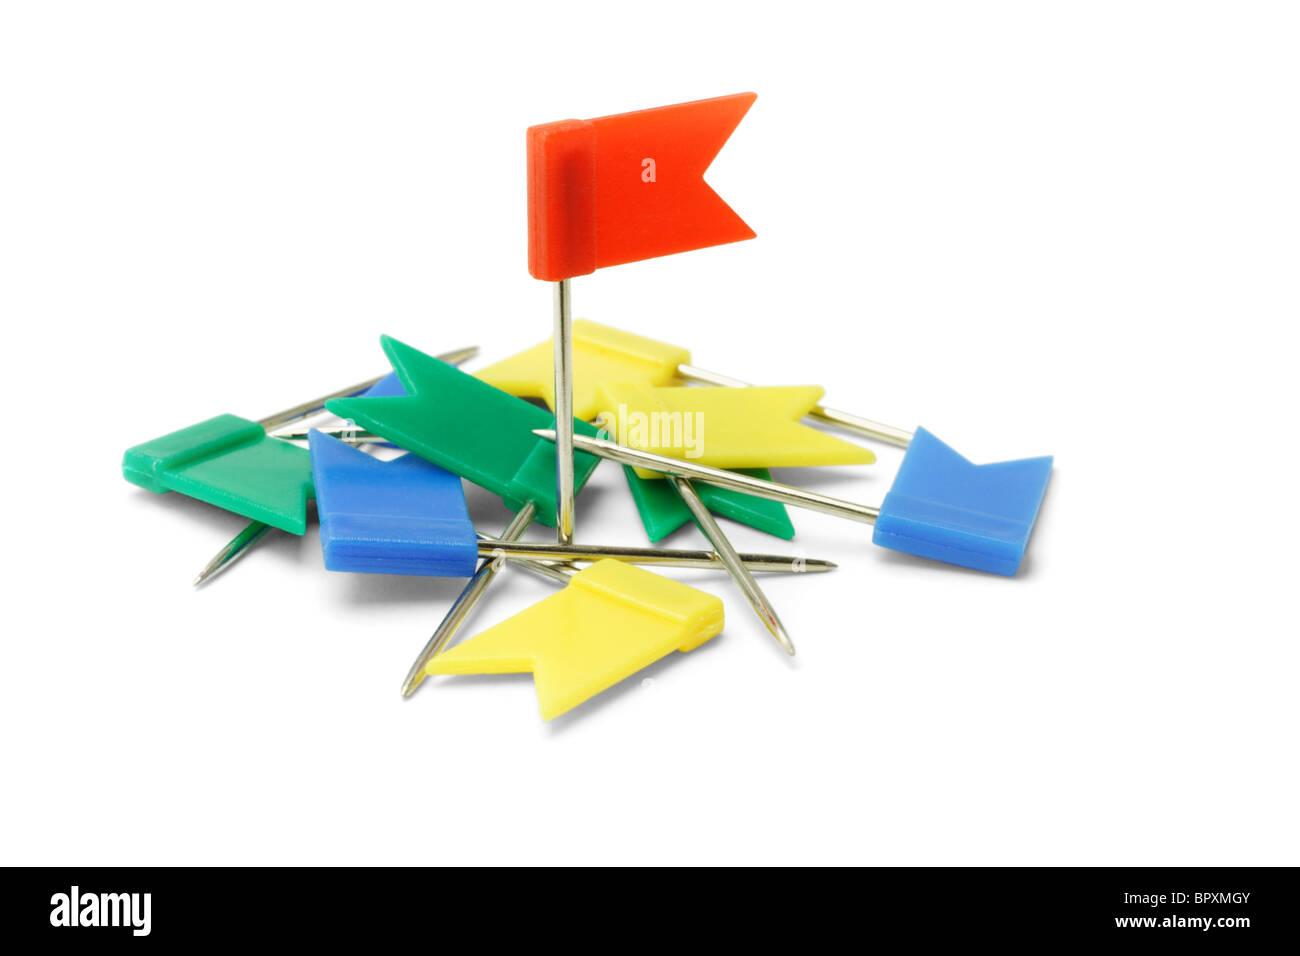 Des épinglettes du drapeau en plastique multicolore sur fond blanc Photo Stock